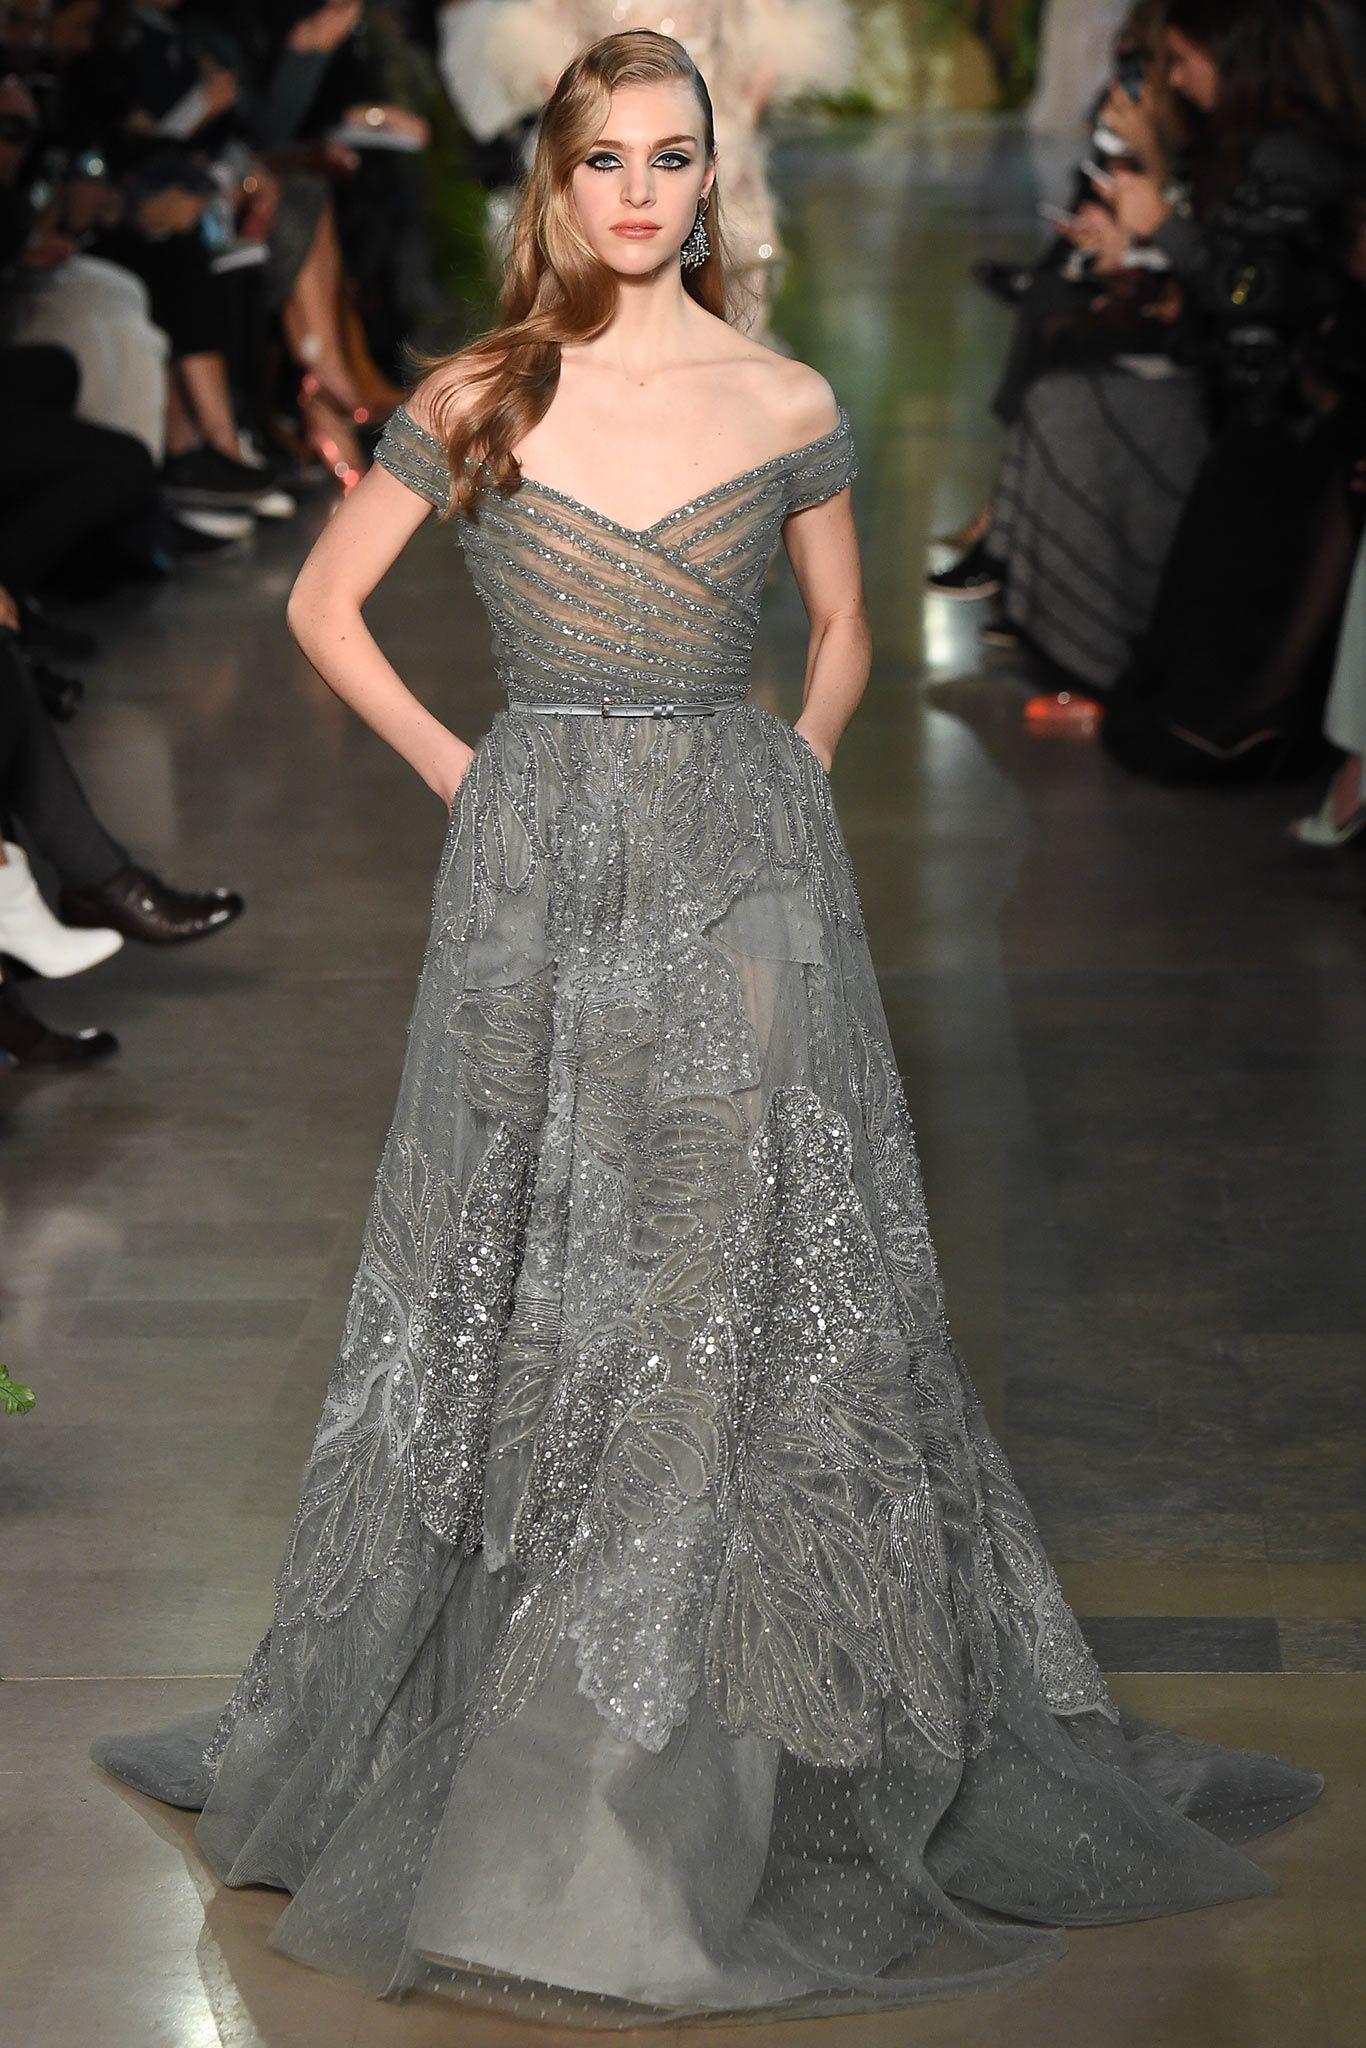 Elie Saab - Spring 2015 Couture - Look 9 of 56